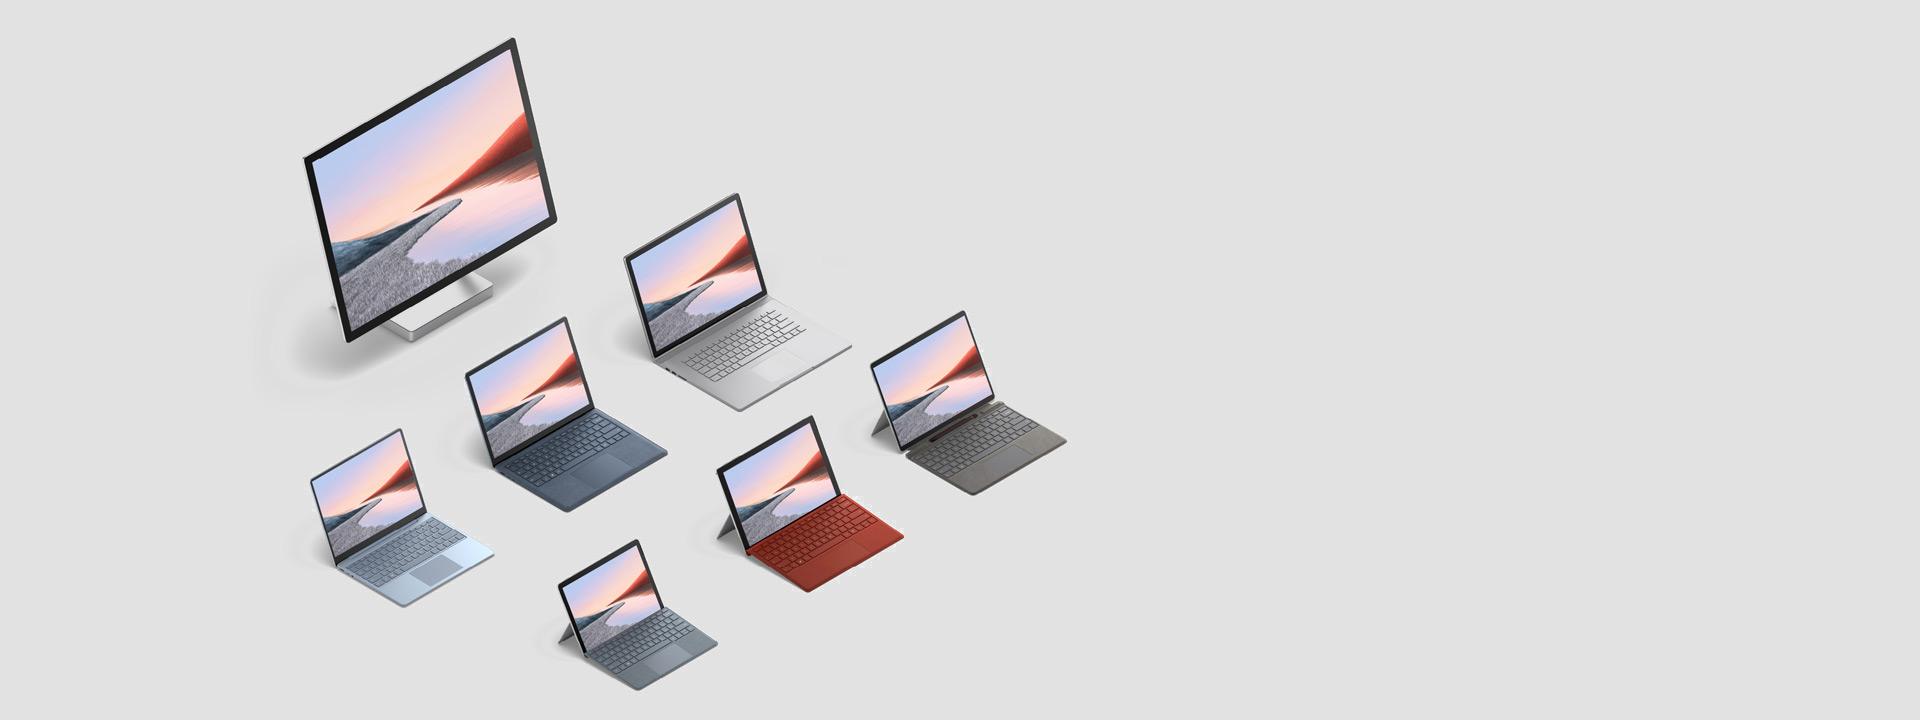 Die gesamte Familie der Surface-Geräte in verschiedenen Farben.